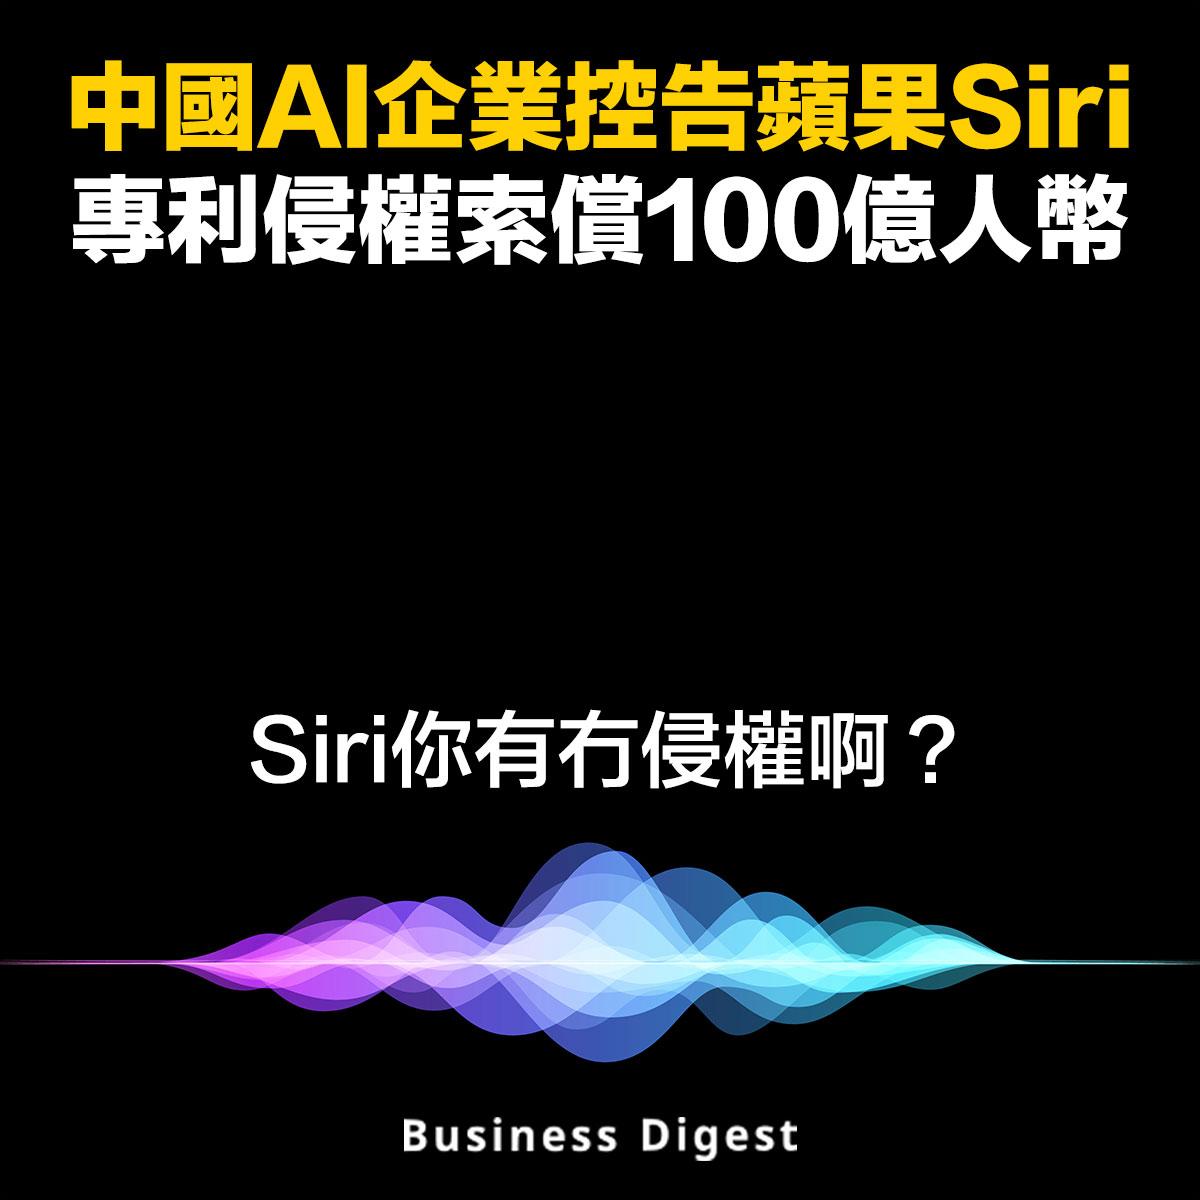 【商業熱話】中國AI企業控告蘋果Siri,專利侵權索償100億人幣